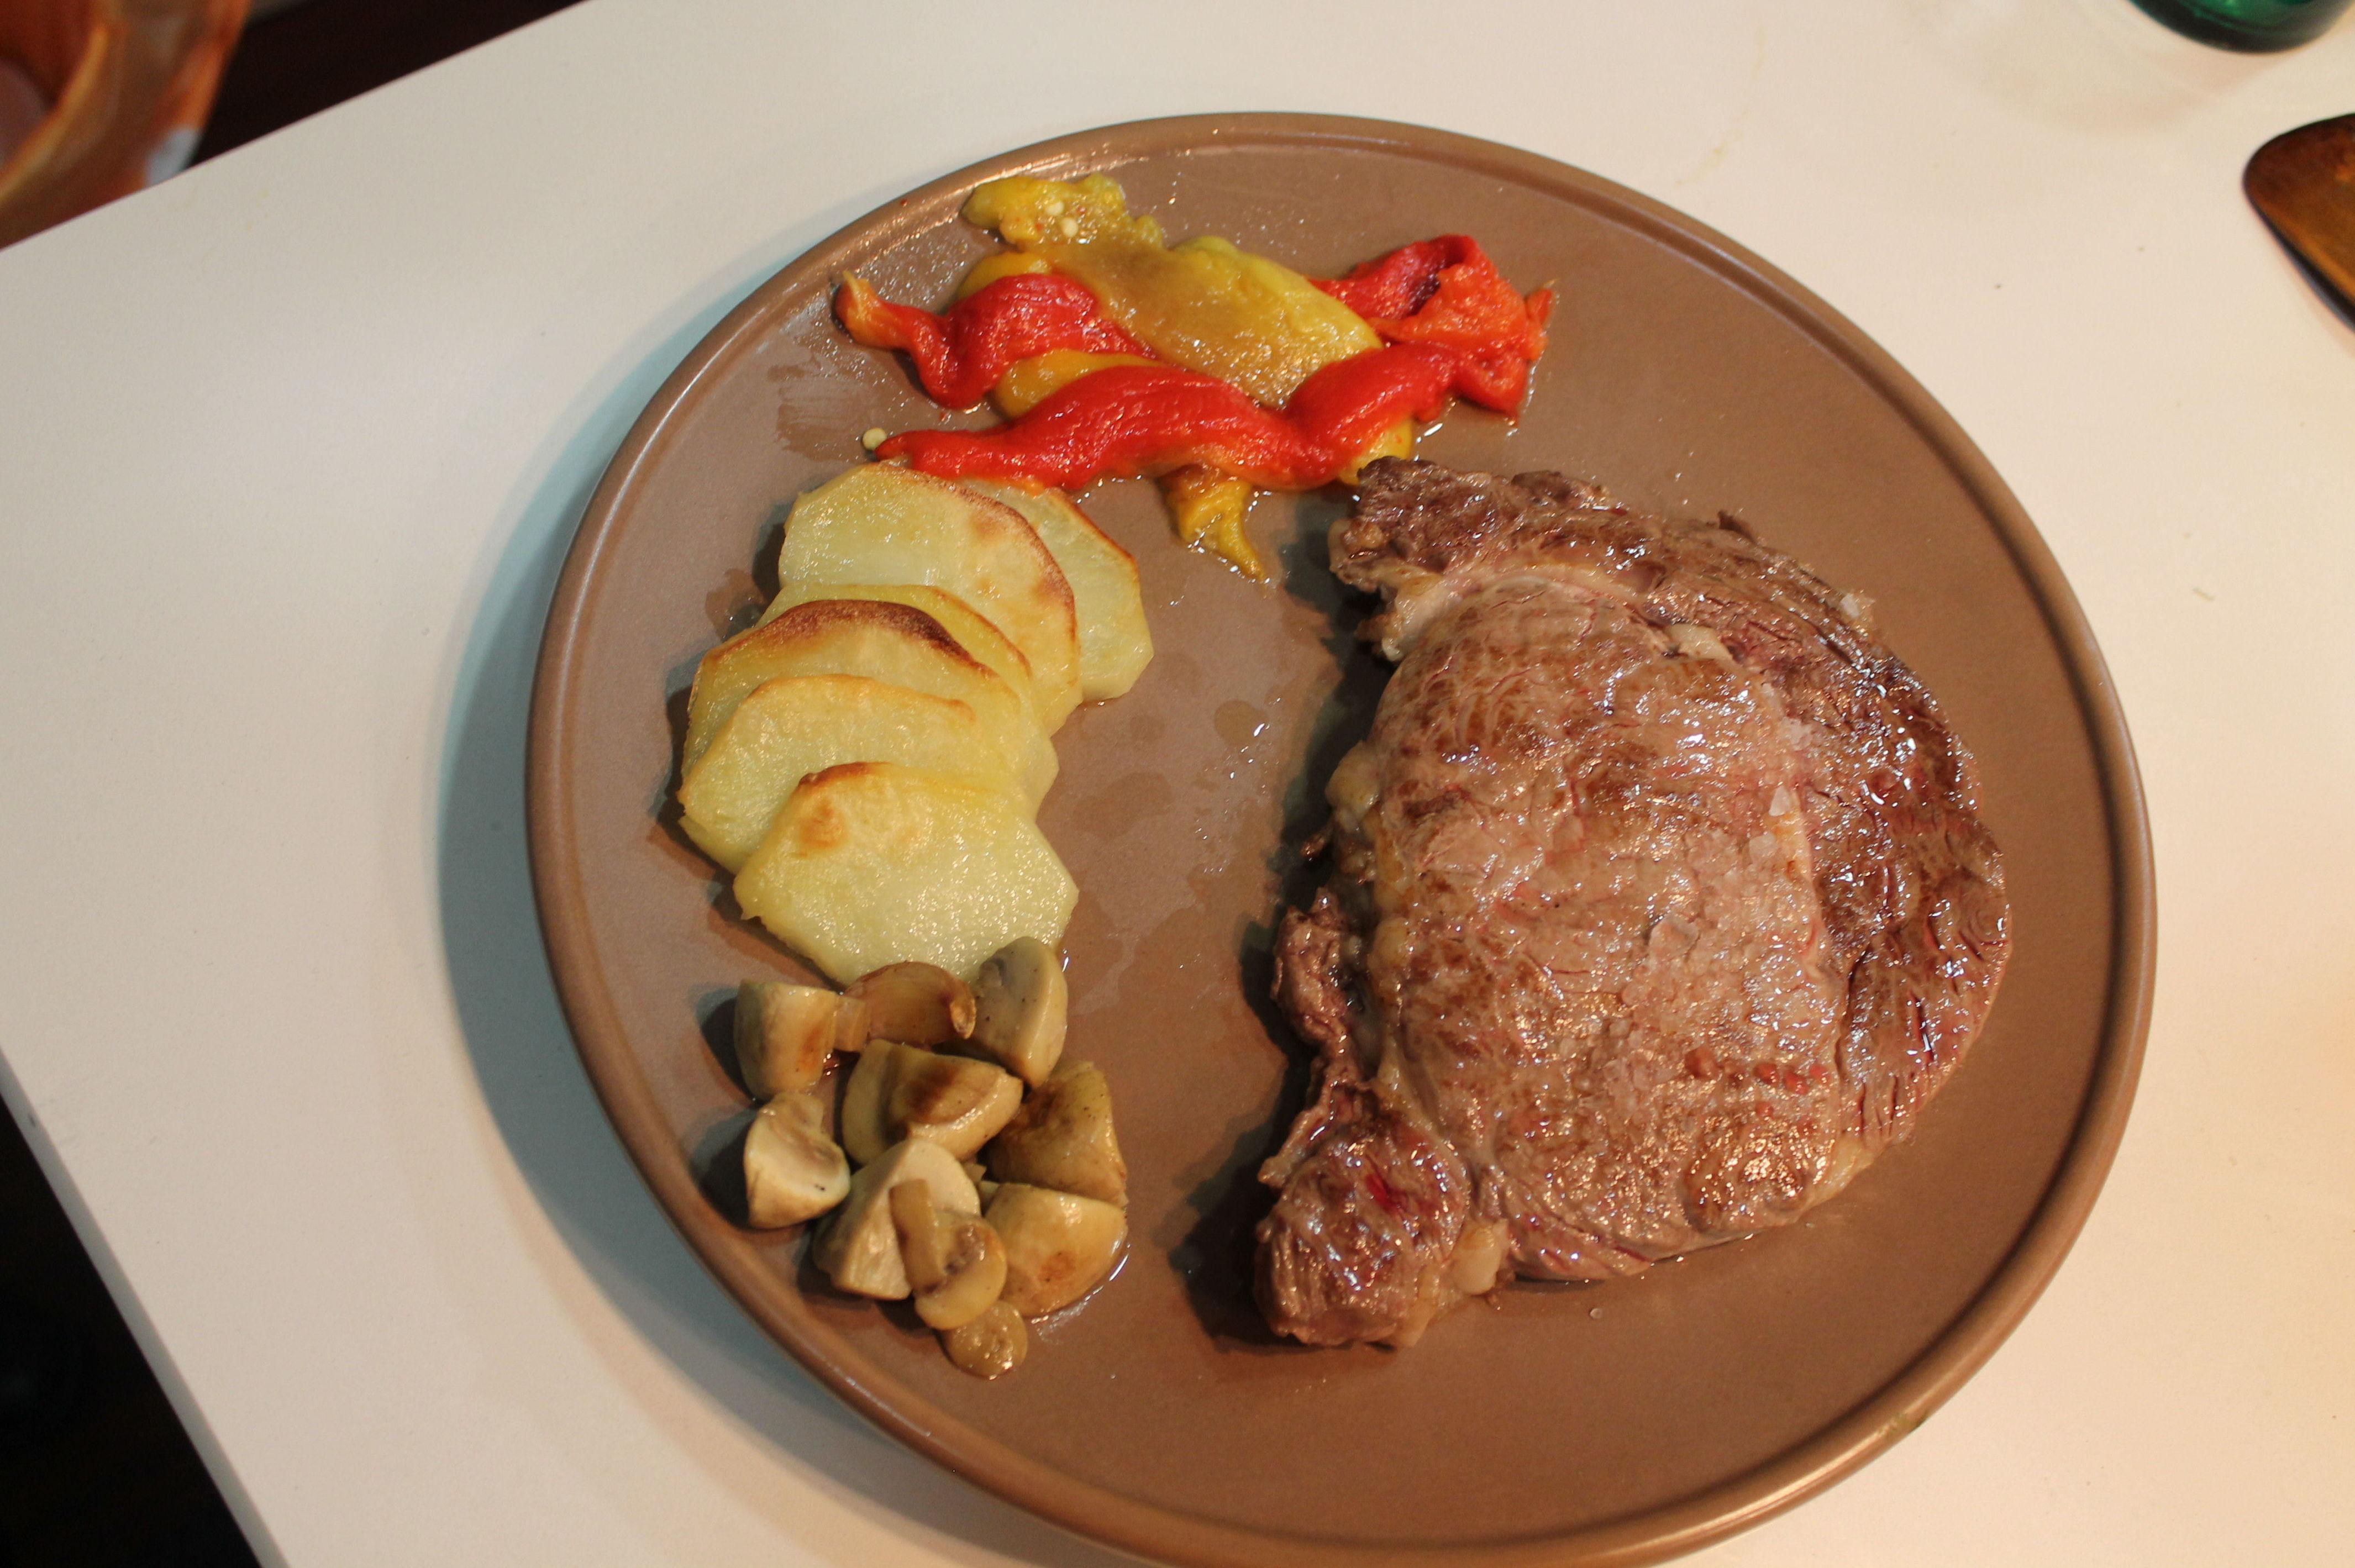 Carnes a la parrilla y con salsa: Nuestros platos  de Il Romeo Trattoria Pizzería